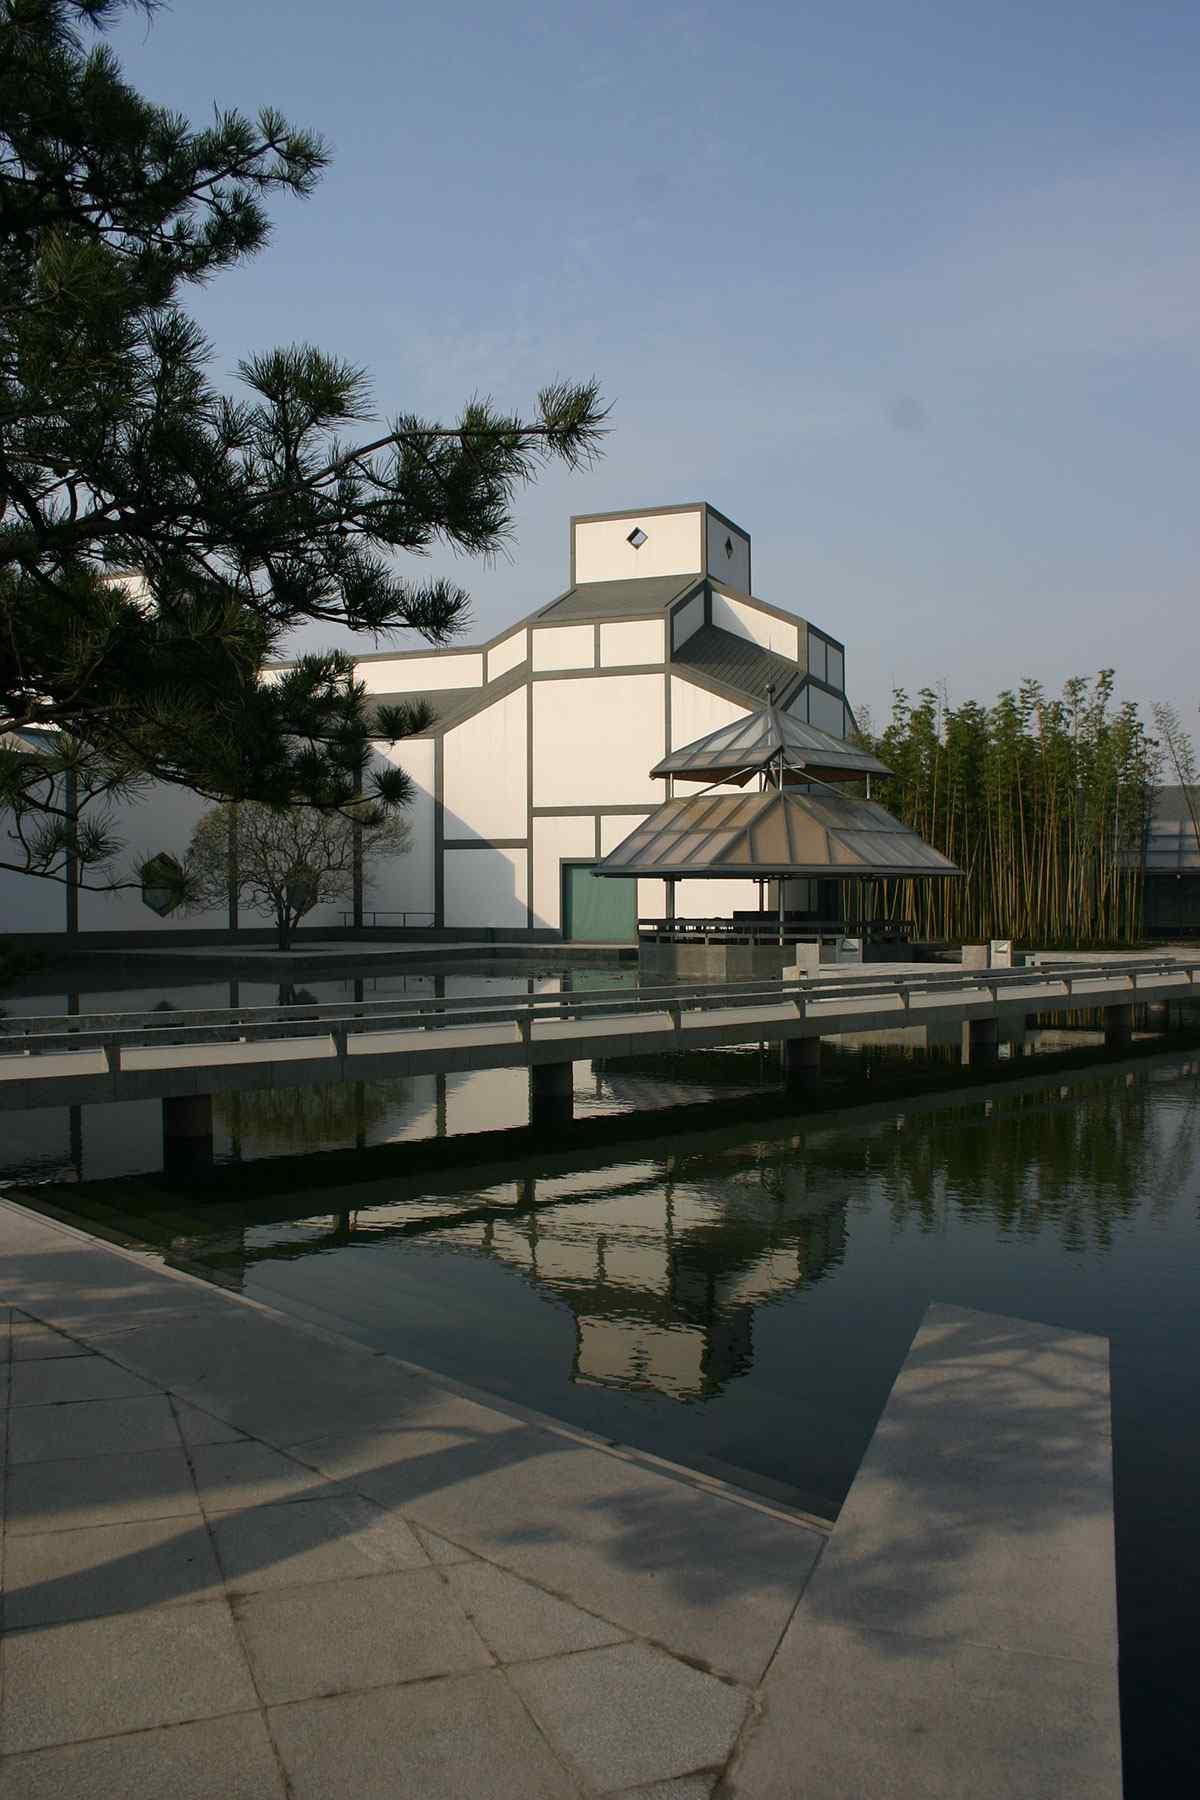 美丽的苏州博物馆建筑手机壁纸